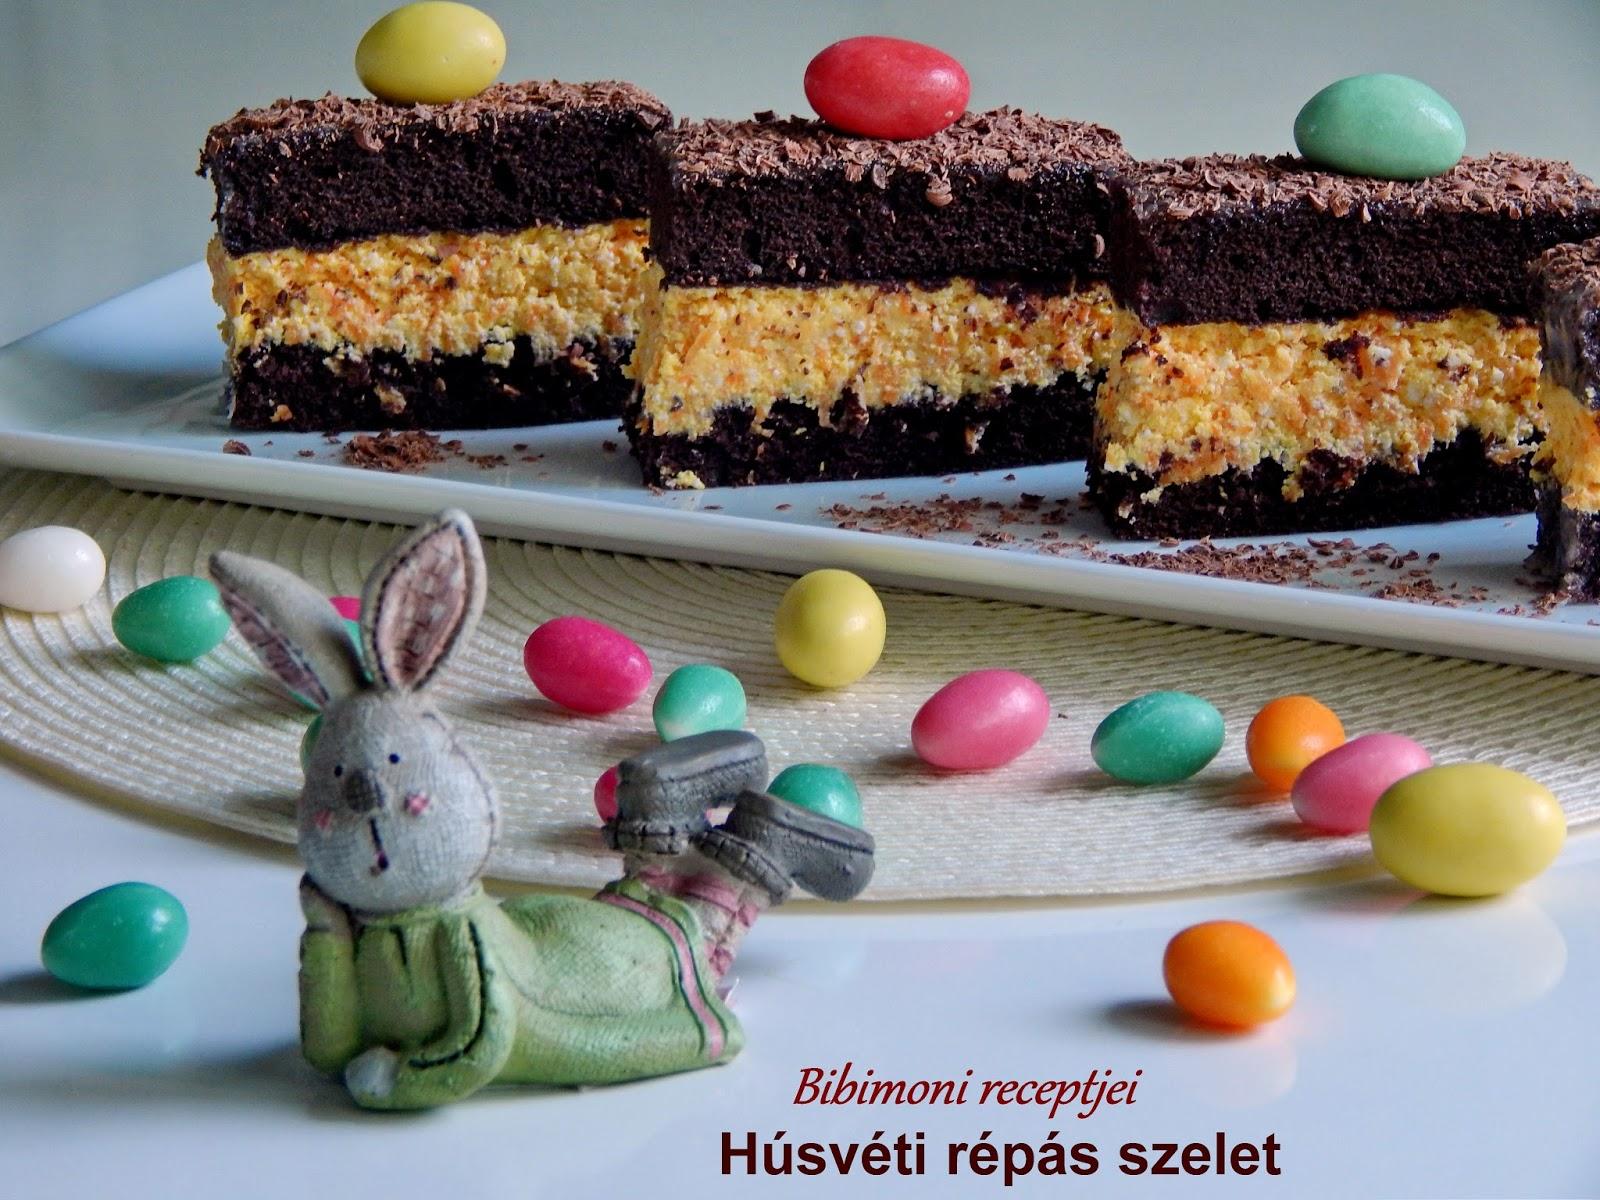 veszít húsvéti súlyt